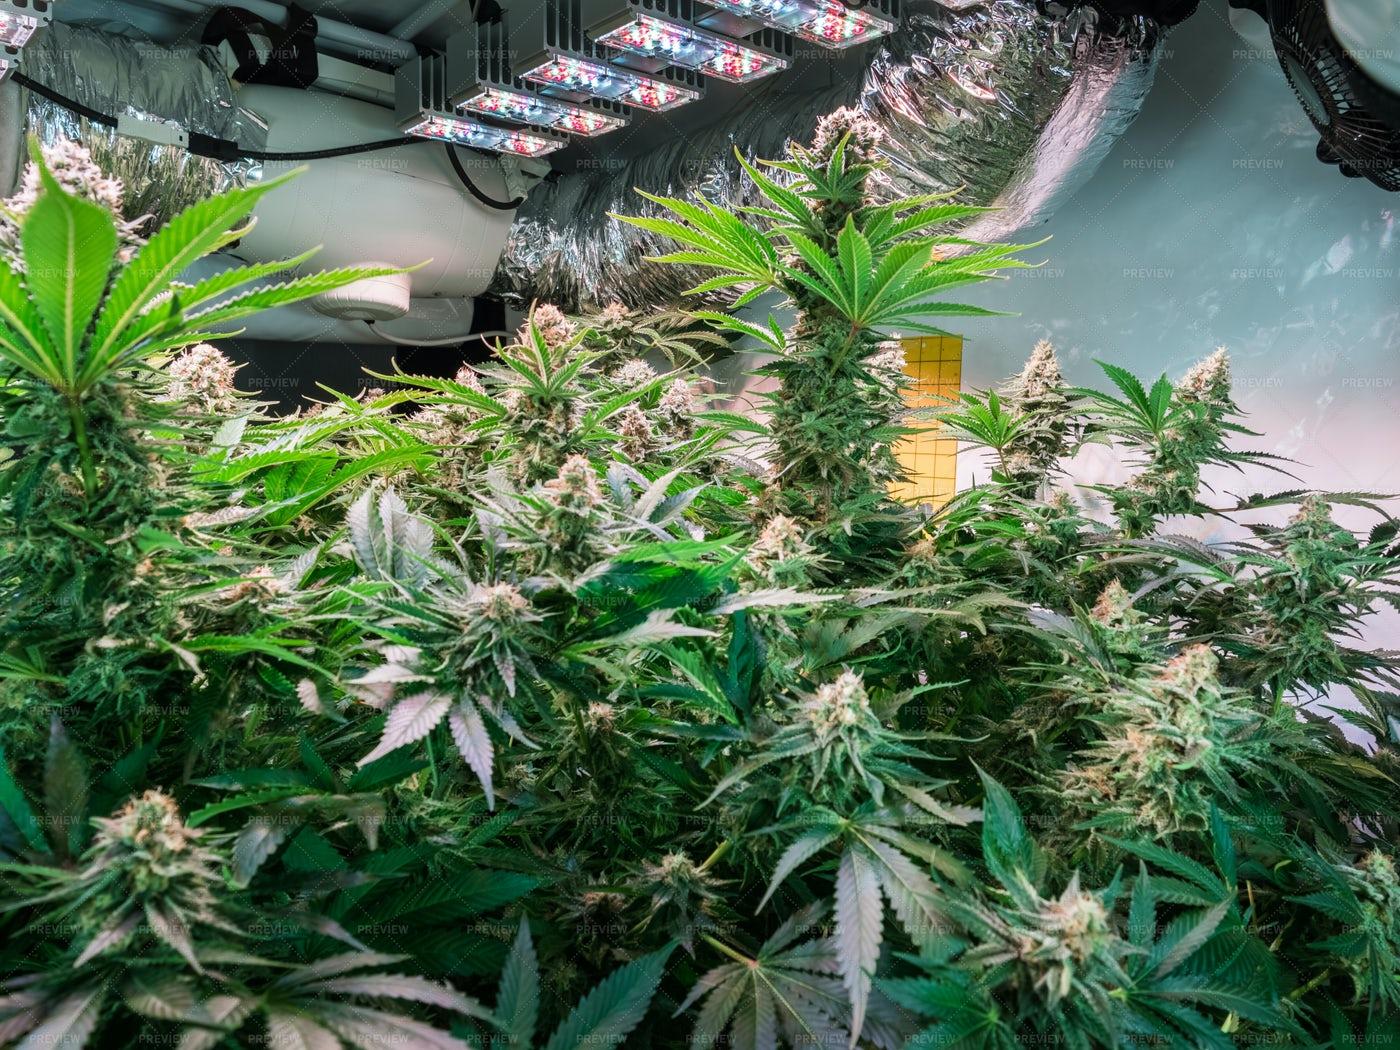 Cannabis Flowers In Grow Facility: Stock Photos